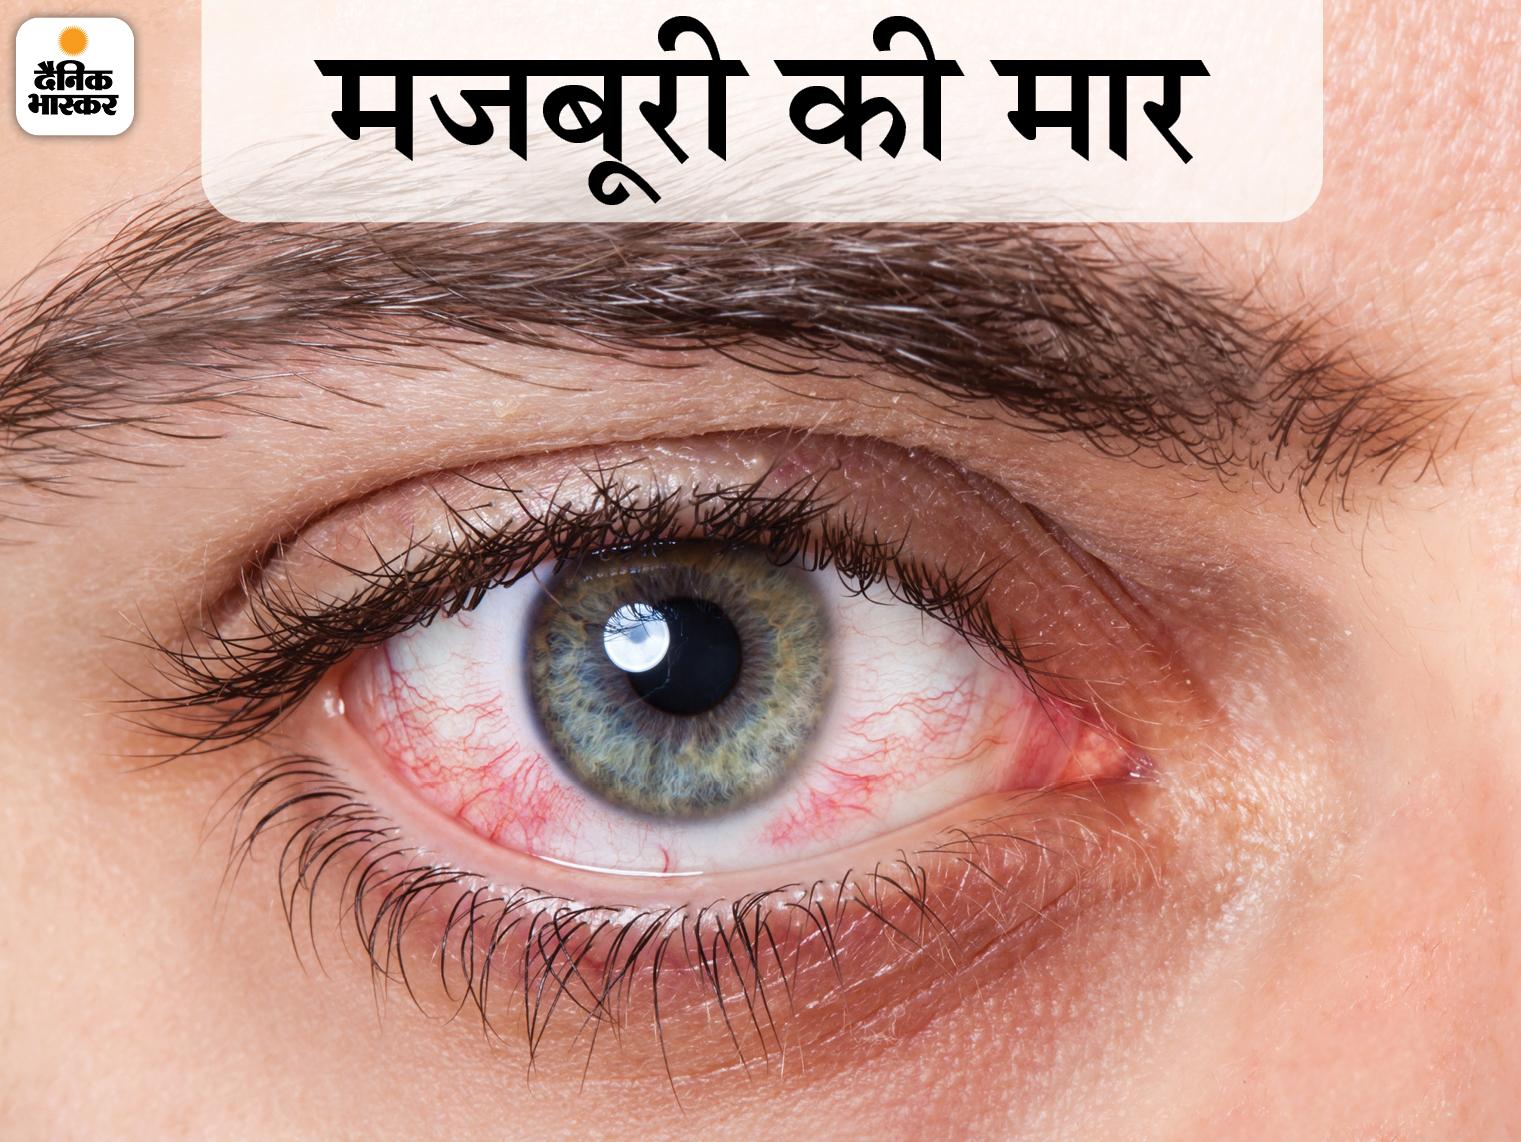 मां भर्ती है अस्पताल में, बाजार में दवा नहीं मिली तो ऑनलाइन शुरू की खोज, साइबर अपराधियों ने खाते में डलवा लिए 95 हजार रुपए, भेजा कुछ नहीं जयपुर,Jaipur - Dainik Bhaskar